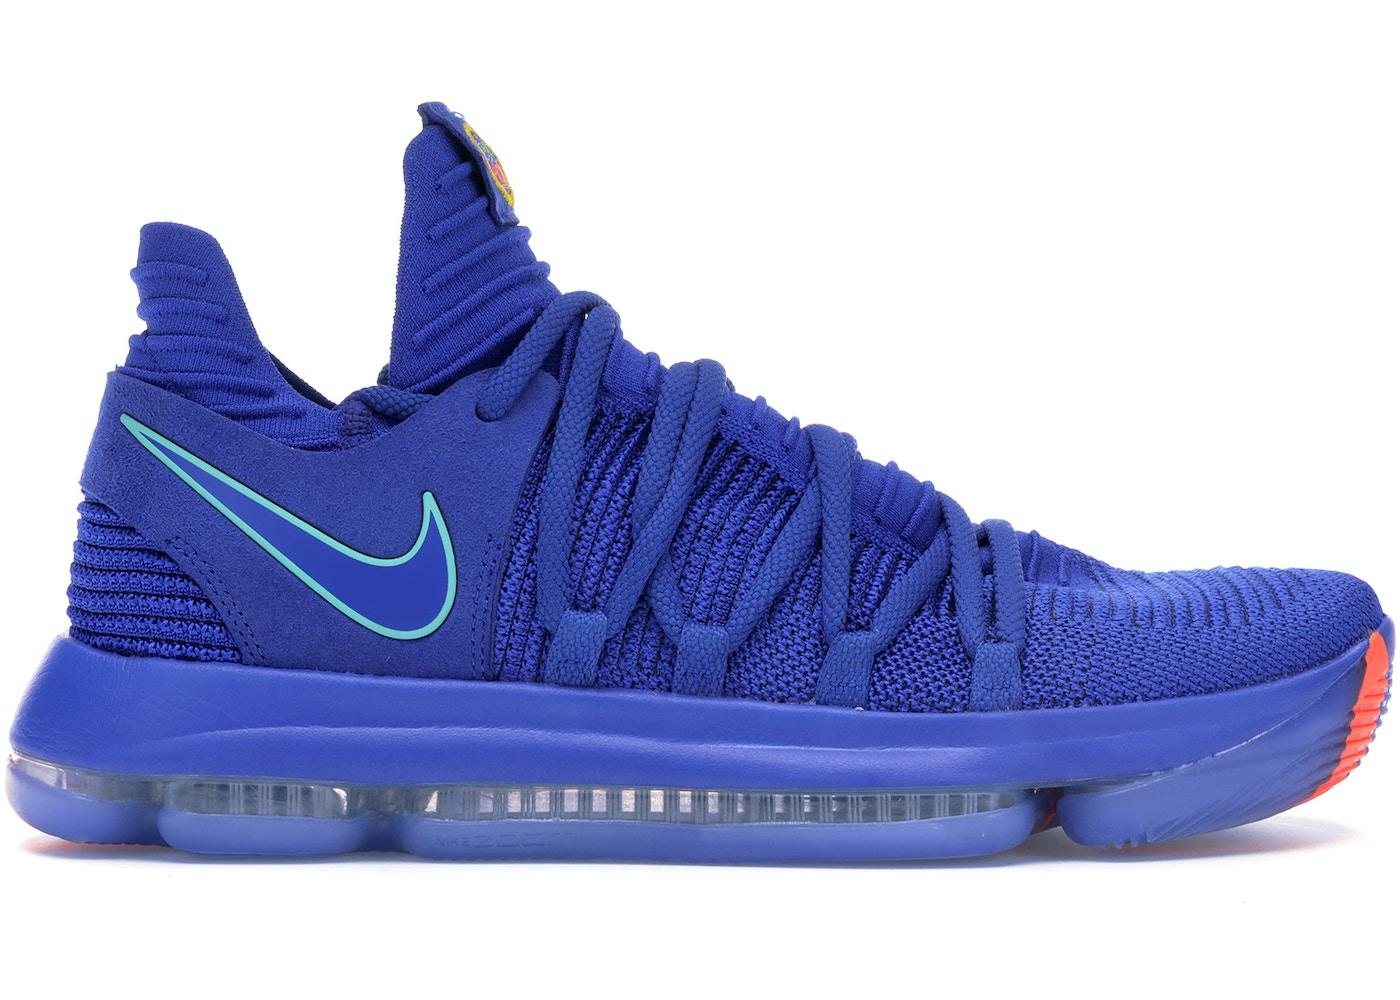 a9fa225f04d4 Buy Nike KD Shoes   Deadstock Sneakers